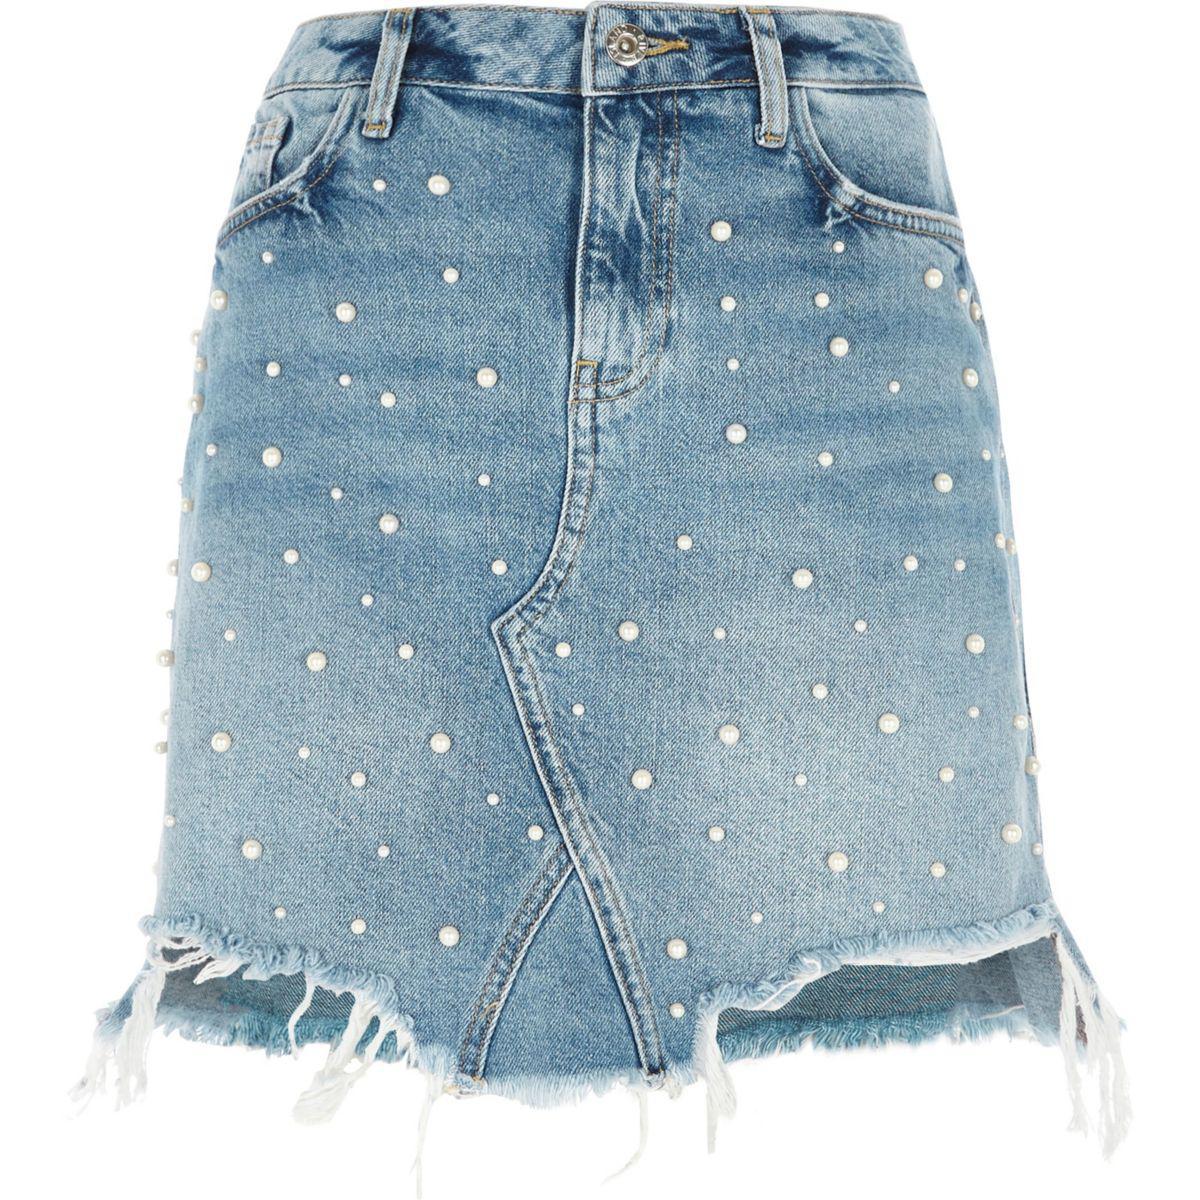 river island mid blue faux pearl ripped denim mini skirt